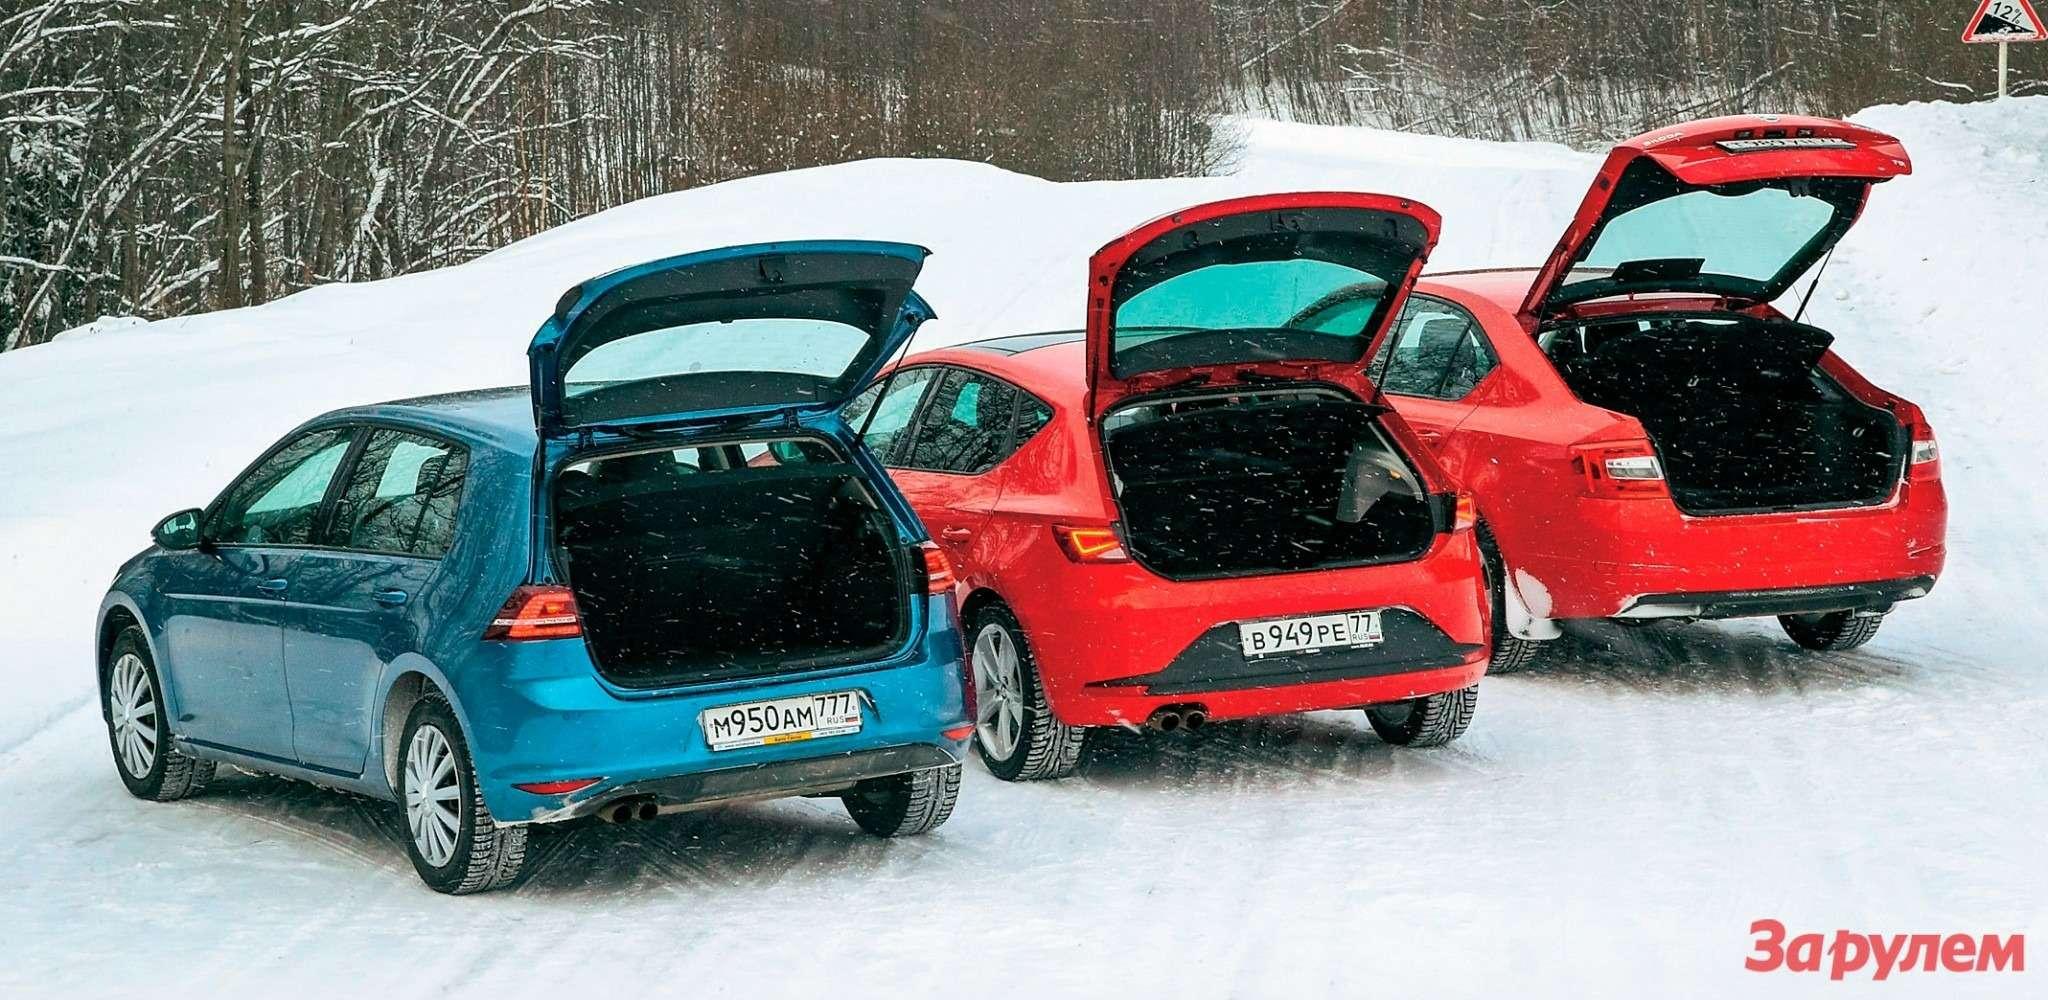 Наодной платформе: VWGolf, SEAT Leon, Skoda Octavia — фото 263751